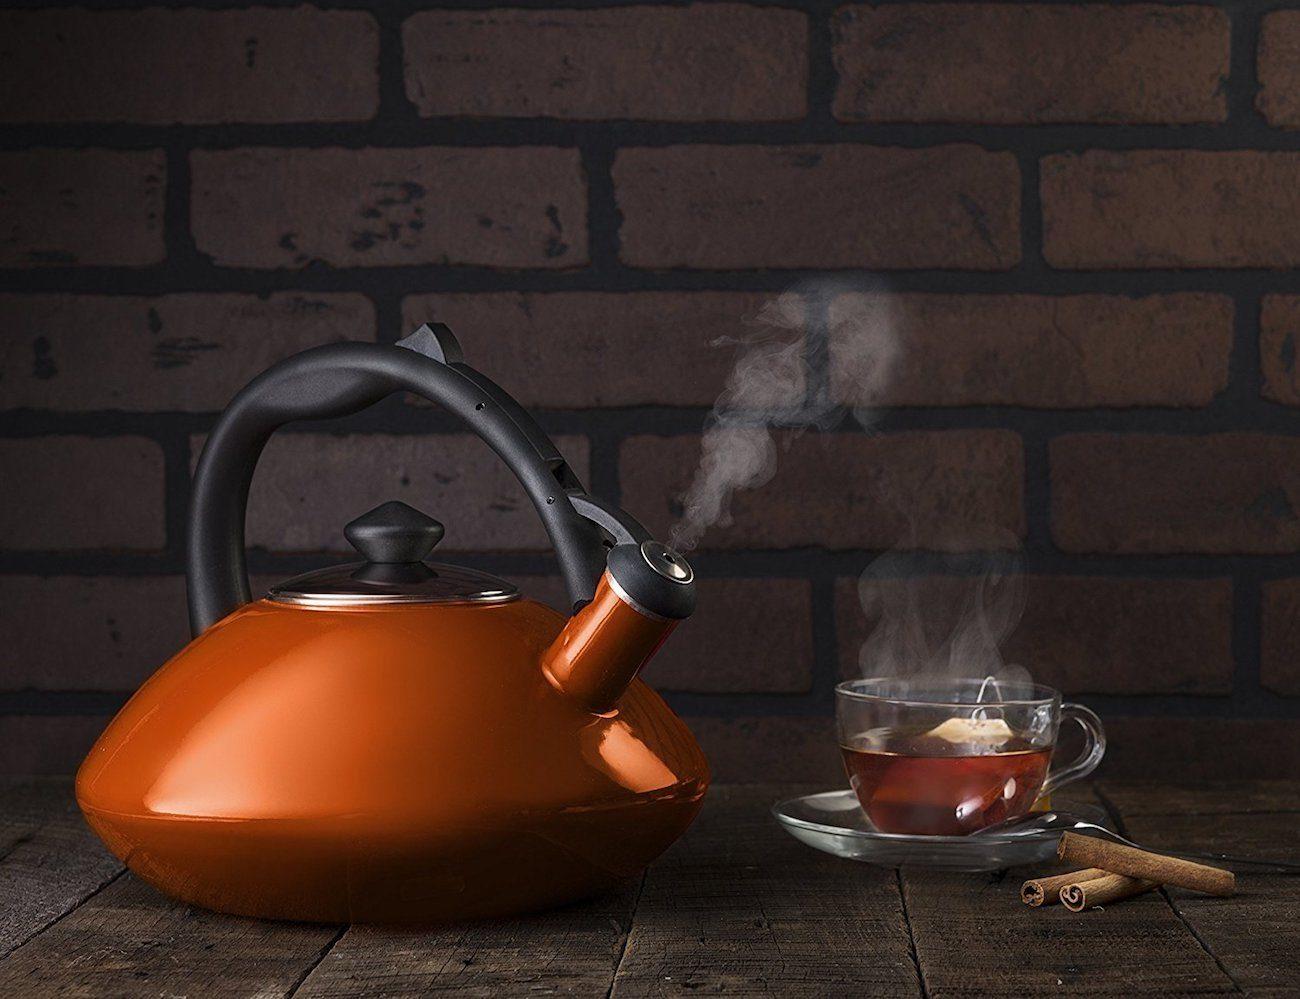 Osaka Enamel Whistling Tea Kettle